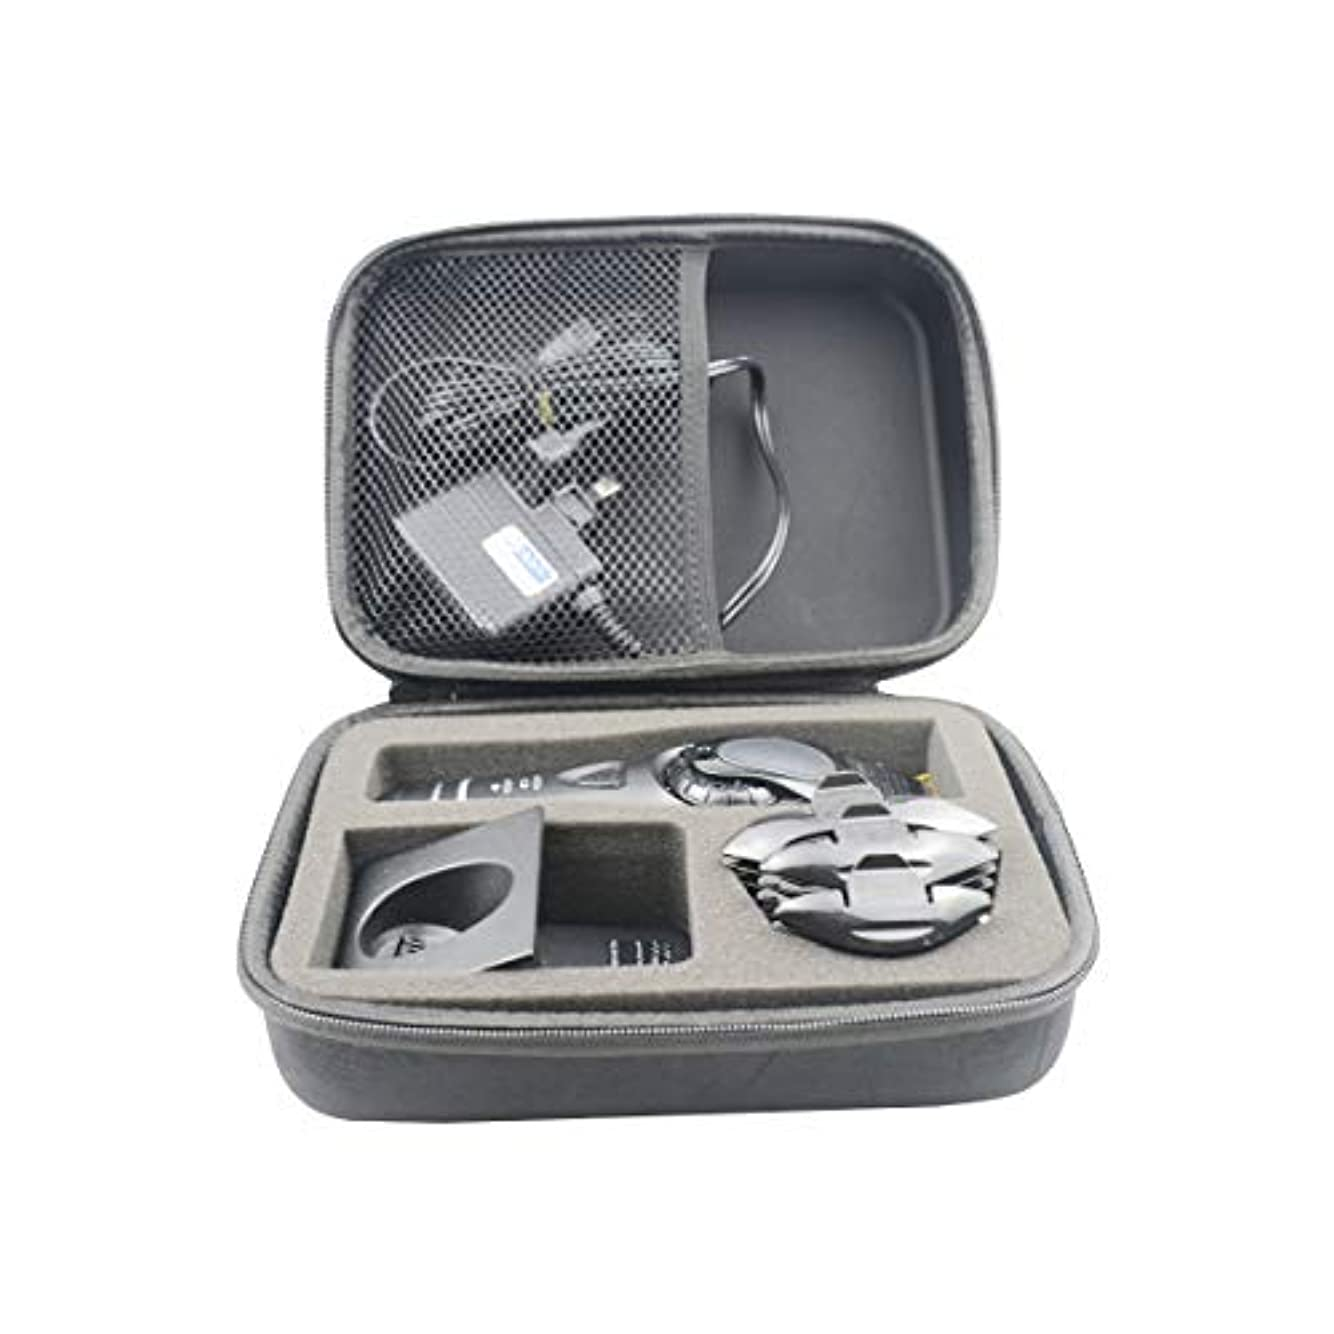 姿を消す美的ナビゲーションSANVSENパナソニックER-GP80 Kプロフェッショナルヘアクリッパーハードスーツケース